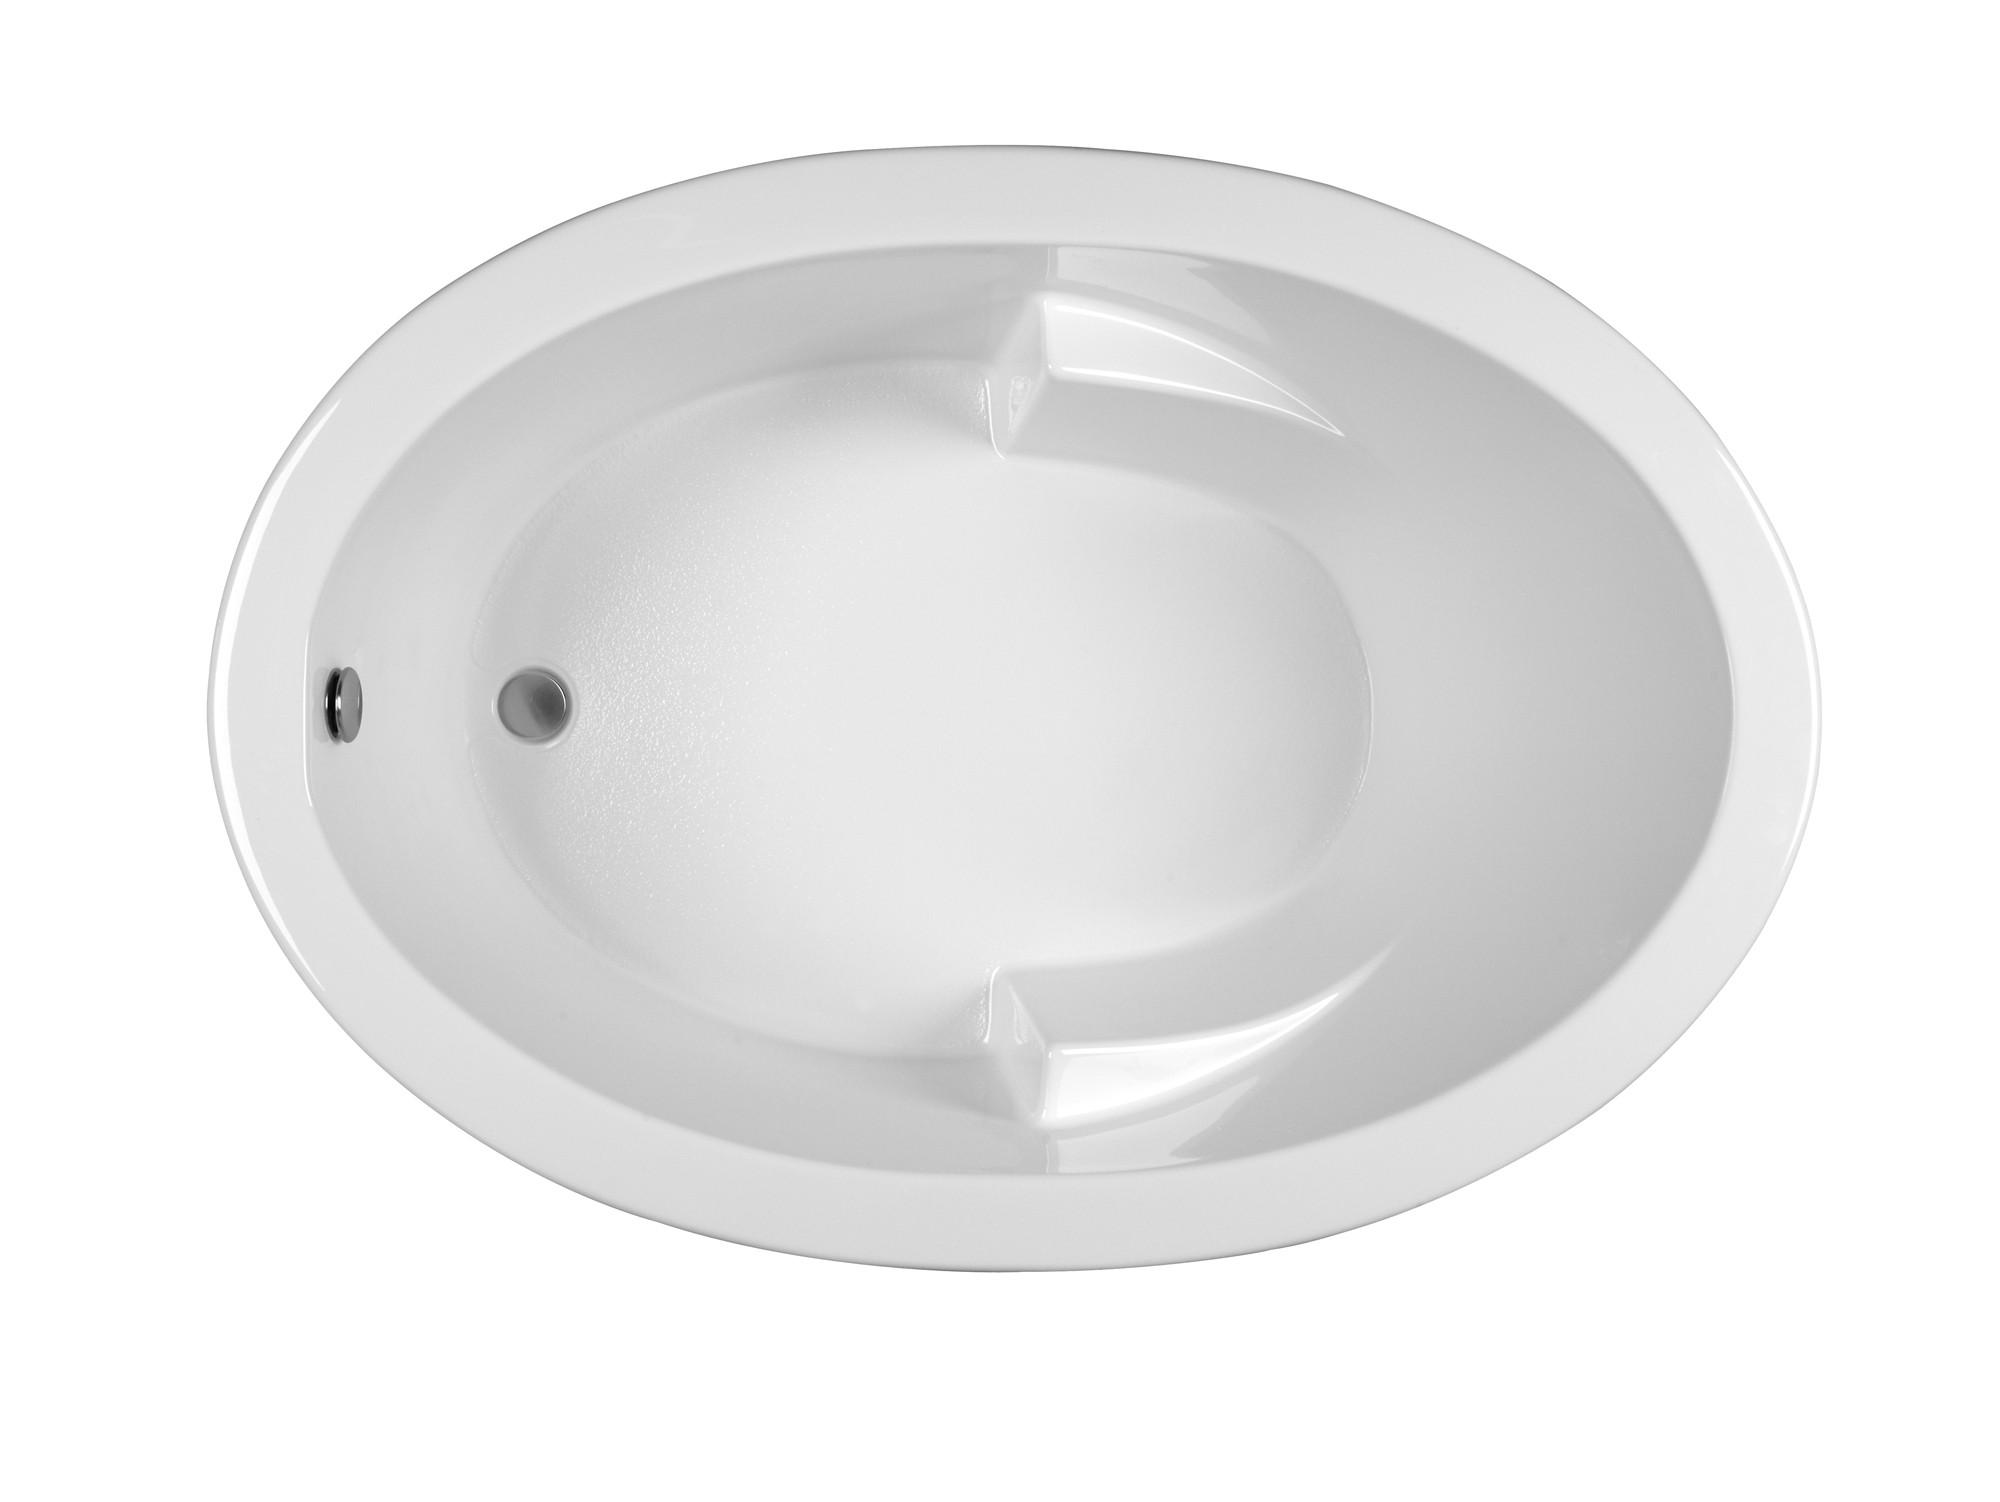 Reliance R6042ODIW 59.5 Inch Oval End Drain Whirlpool Bath